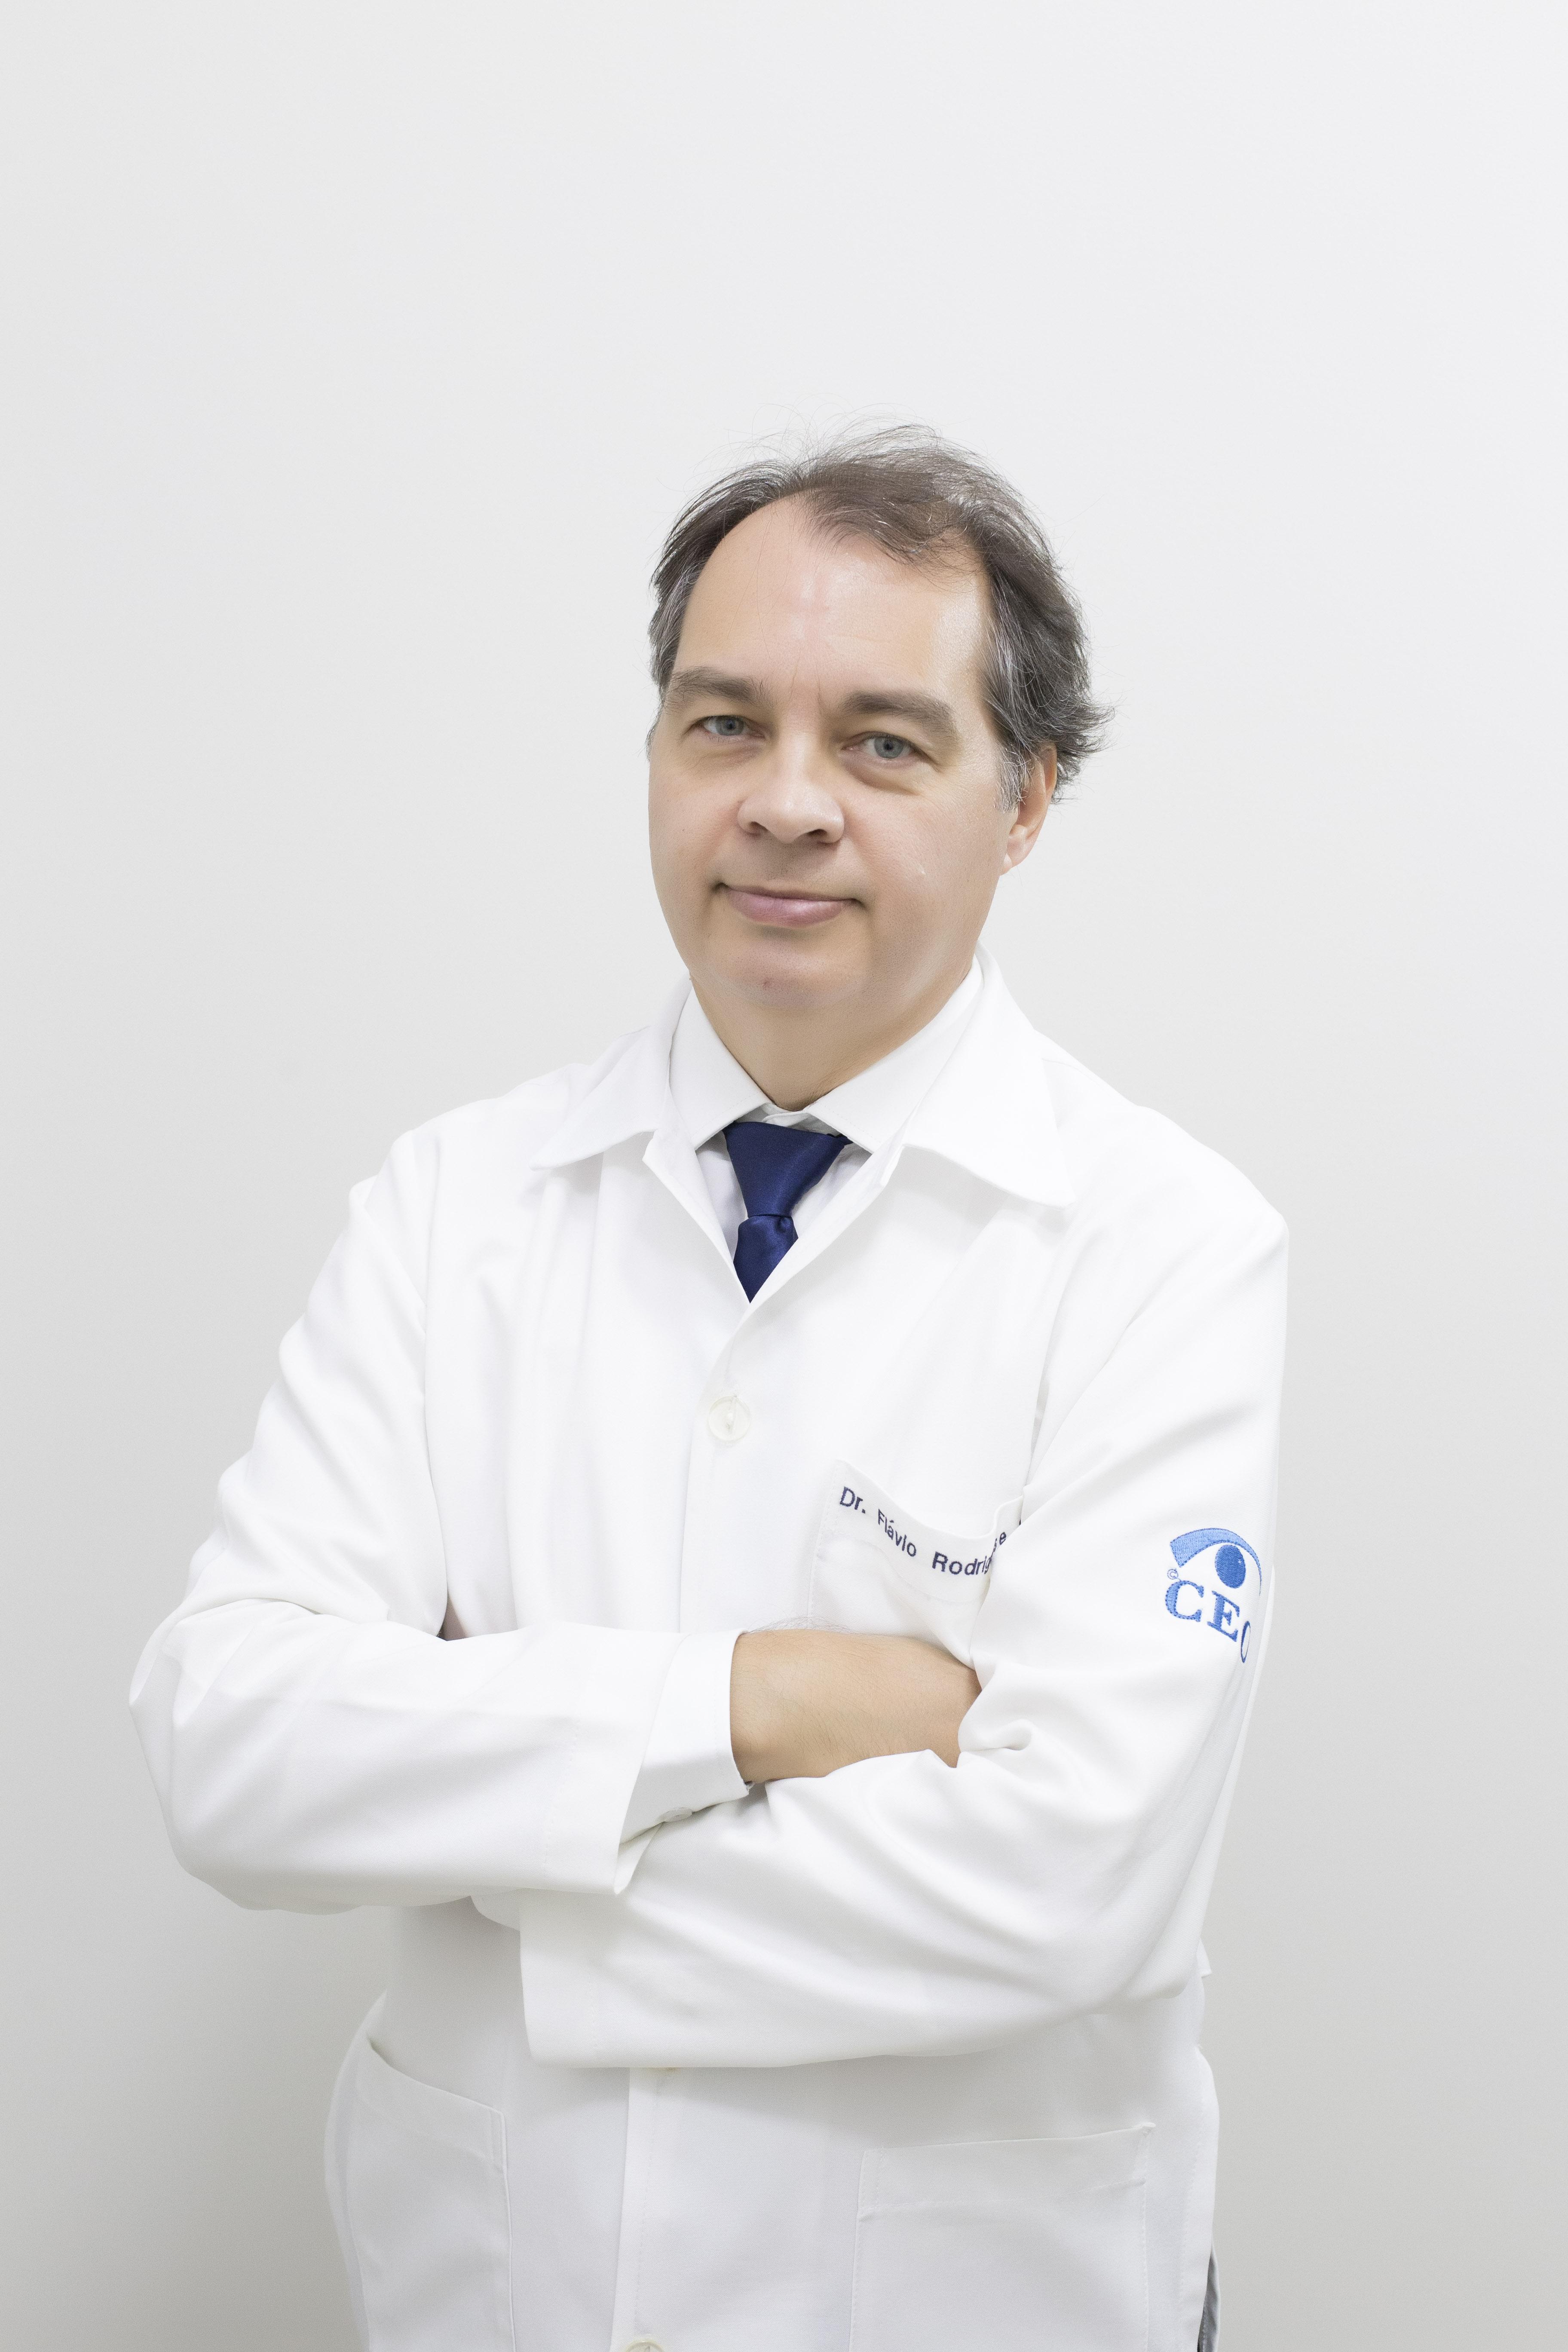 Dr Flávio Rodrigues e Silva